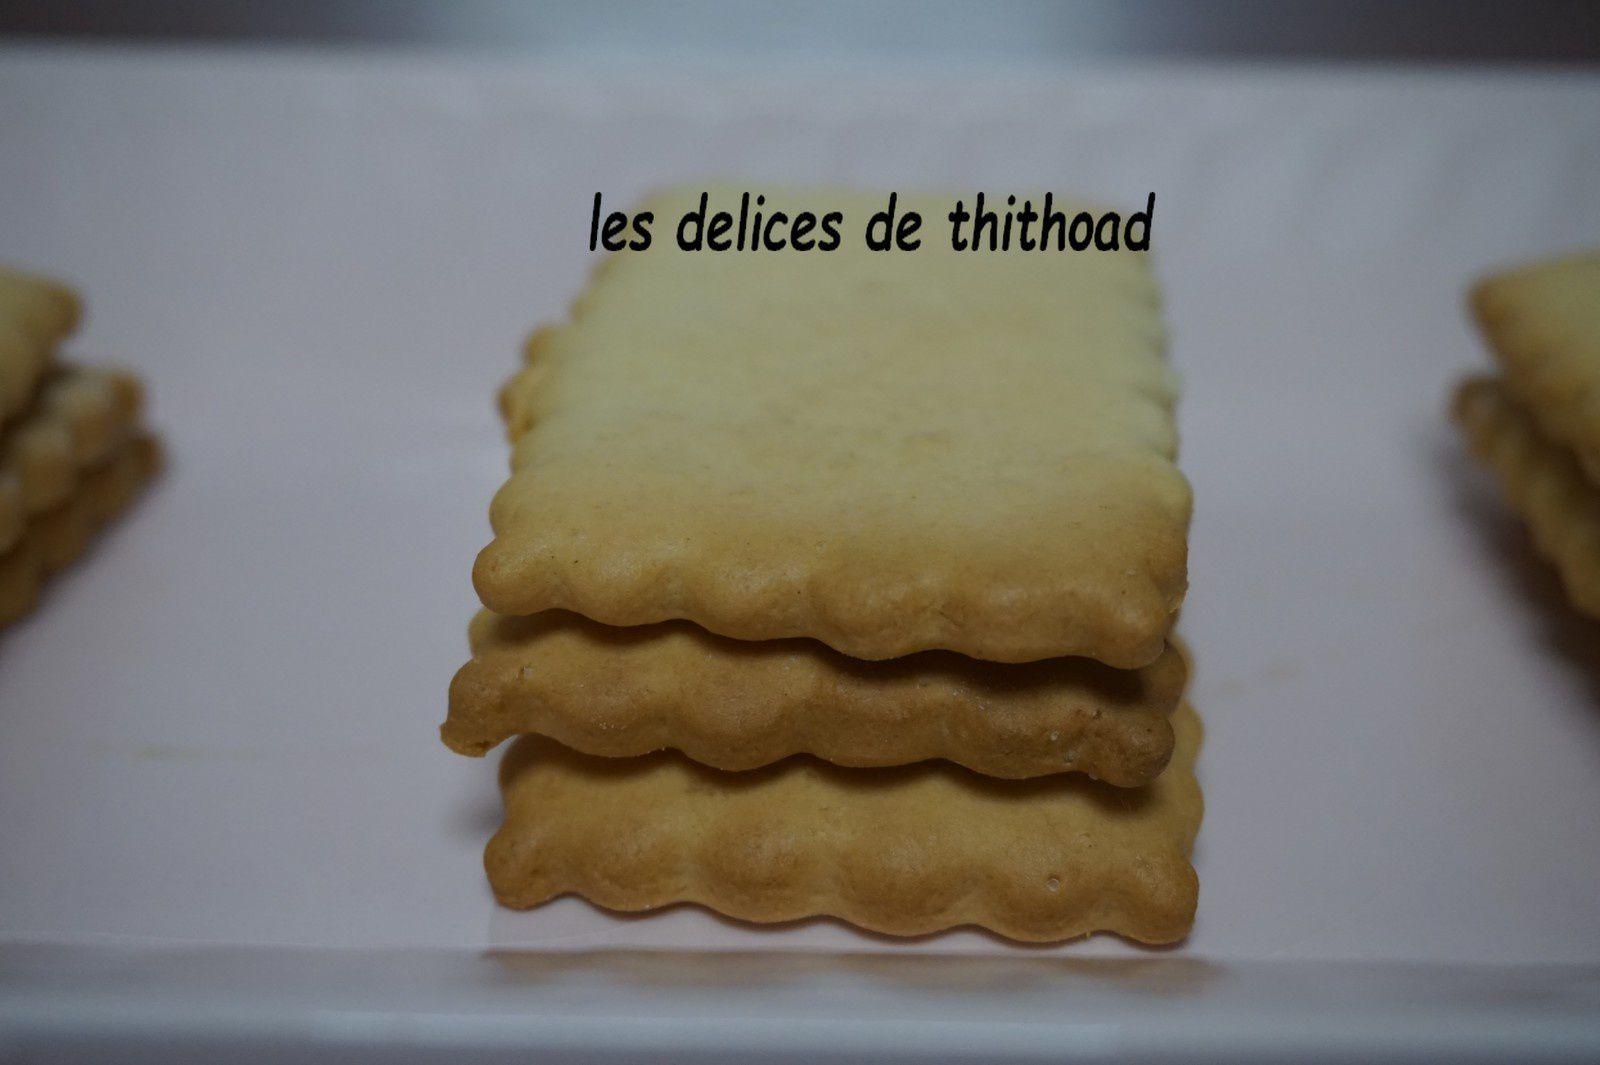 biscuits au lait pour une escapade en cuisine